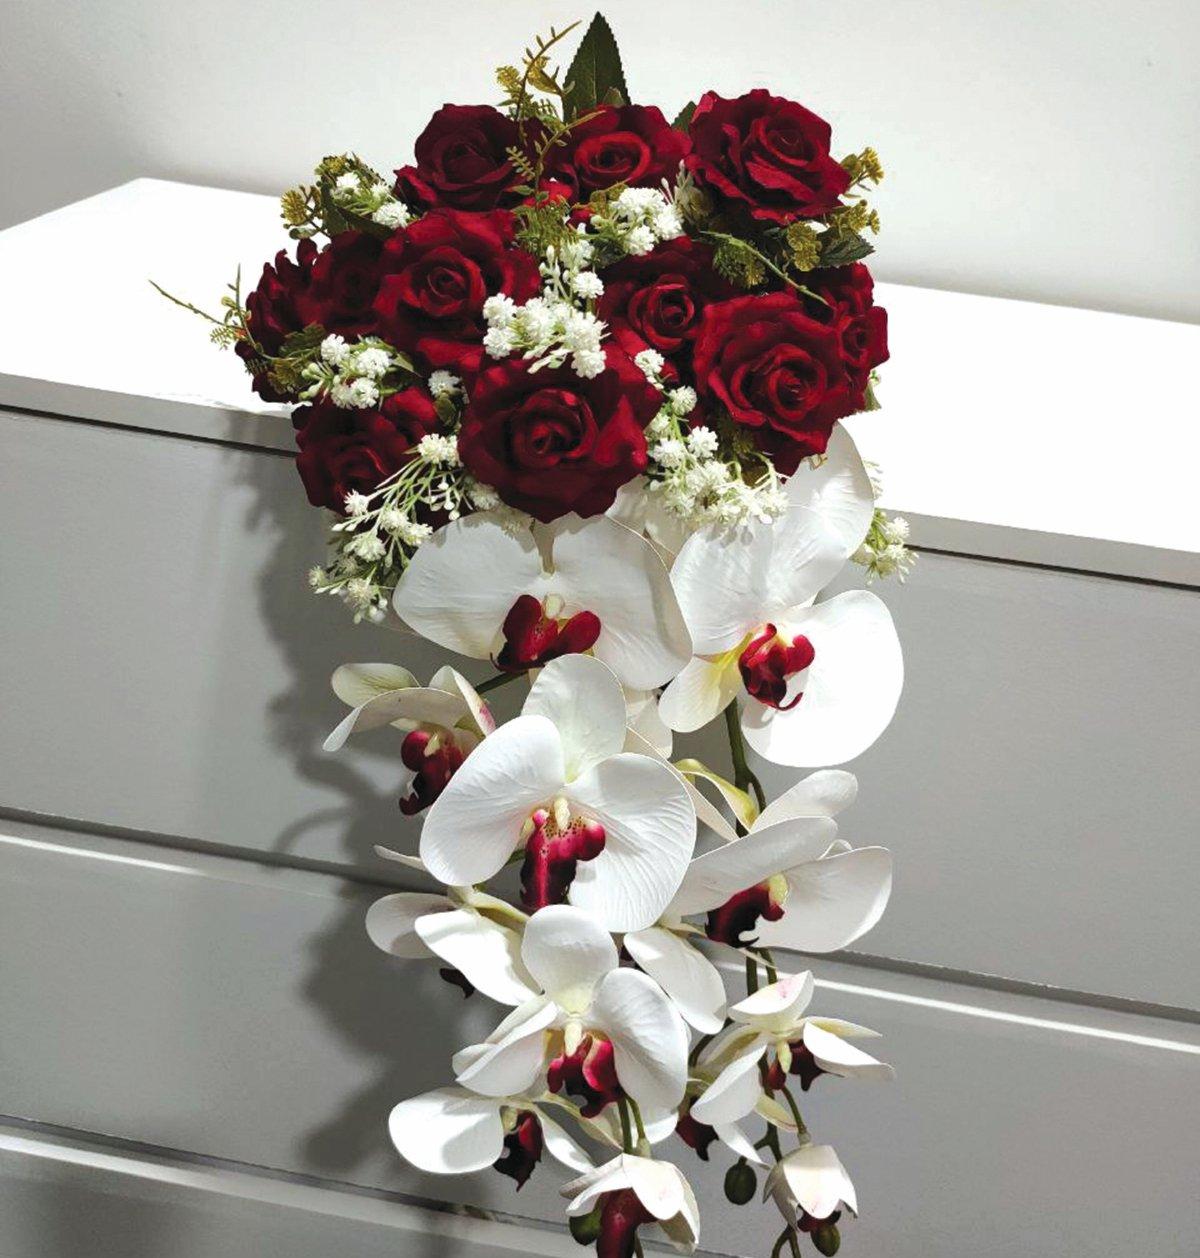 BUNGA romantis seperti bunga ros menjadi bunga dalam gubahan bunga tangan.